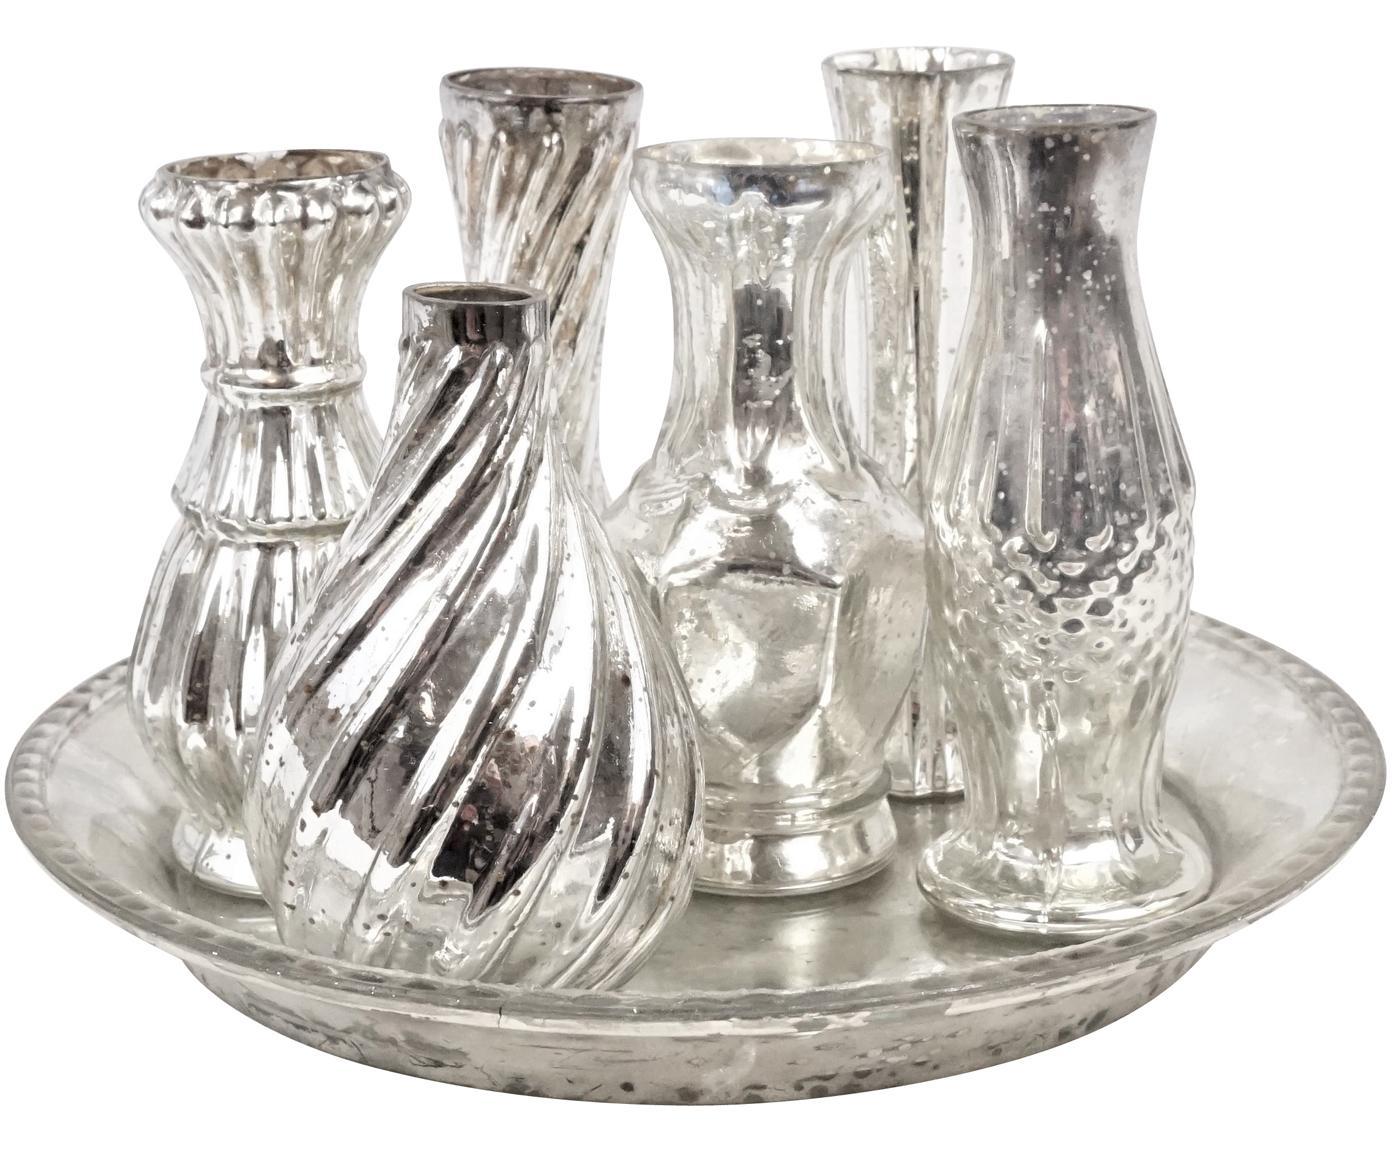 Glazen vazenset Poesie, 7-delig, Glas, Zilverkleurig, Verschillende formaten